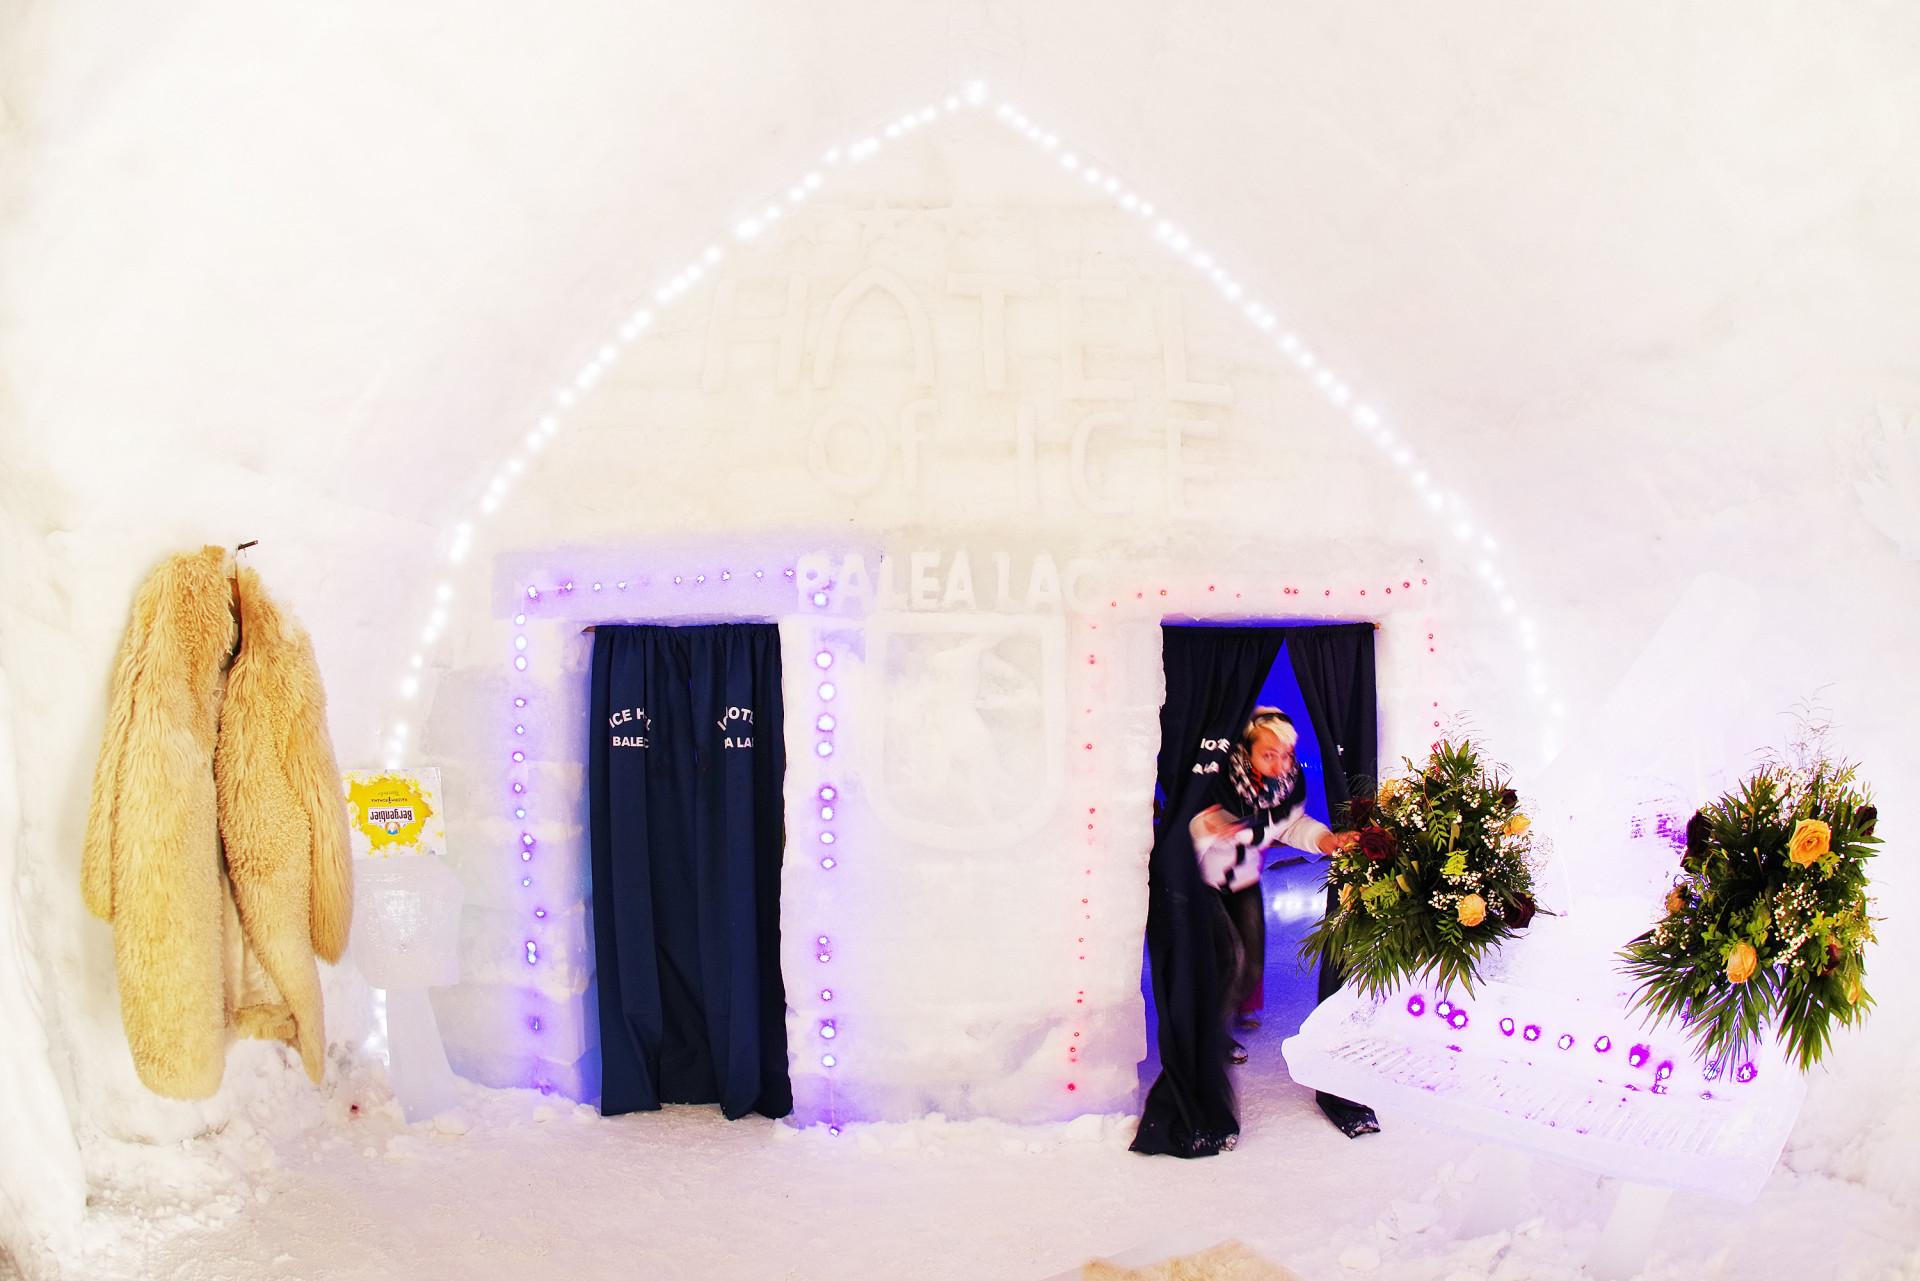 Descubra como são os hotéis de gelo mais incríveis do mundo